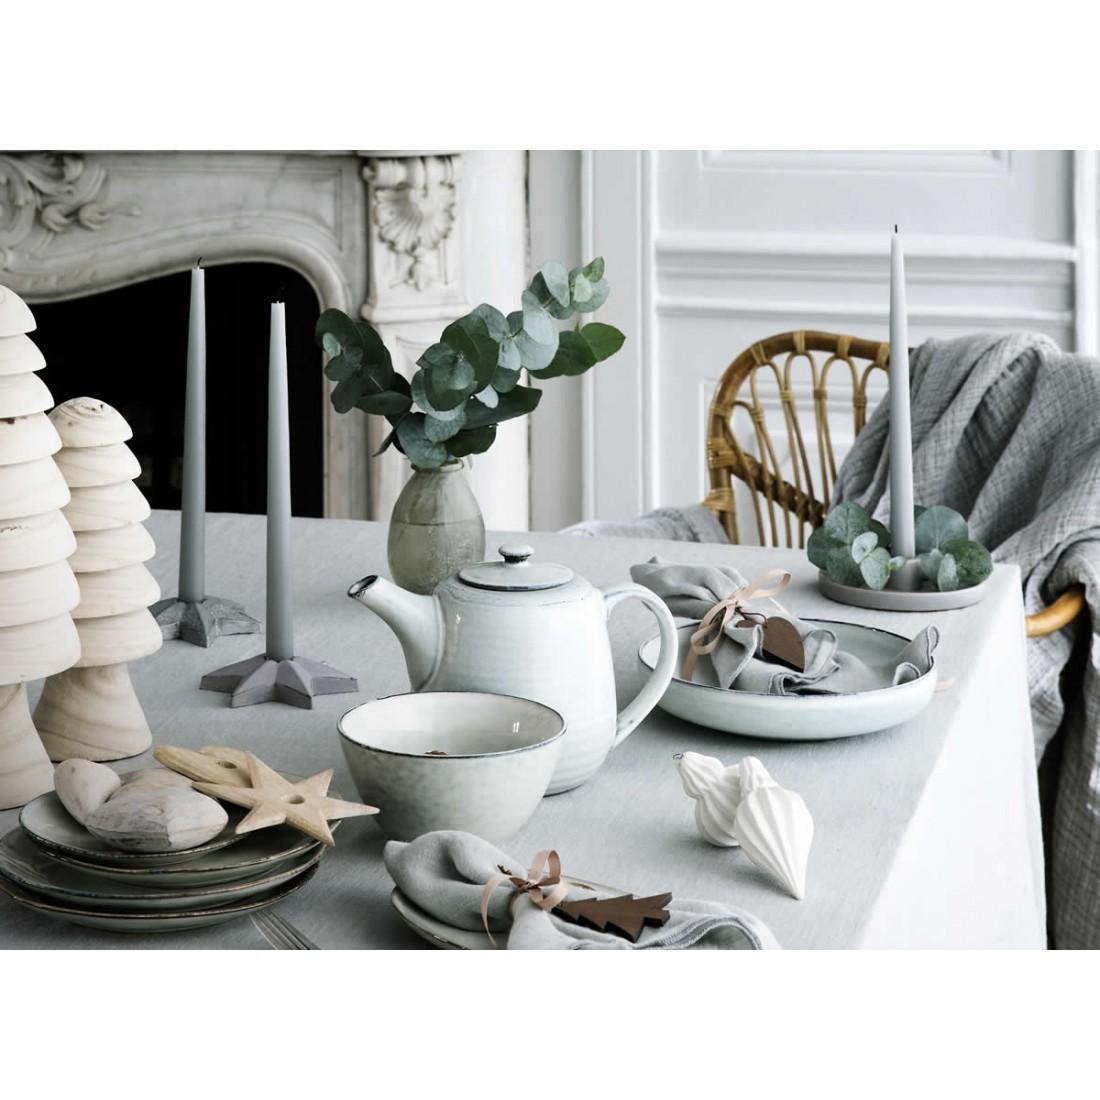 broste nordic sand diep bord. Black Bedroom Furniture Sets. Home Design Ideas